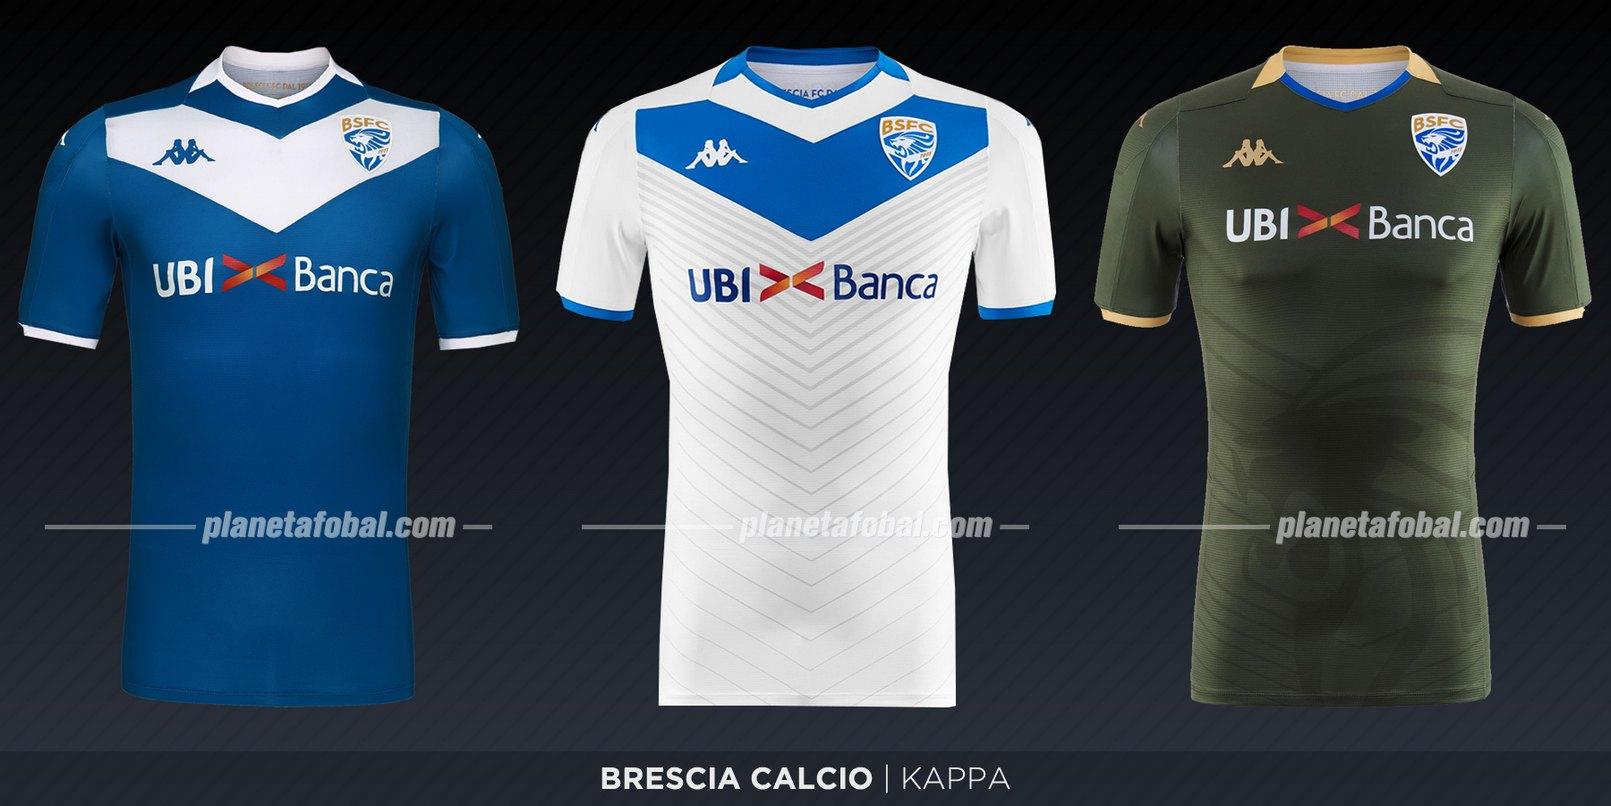 Brescia Calcio (Kappa) | Camisetas de la Serie A 2019-2020